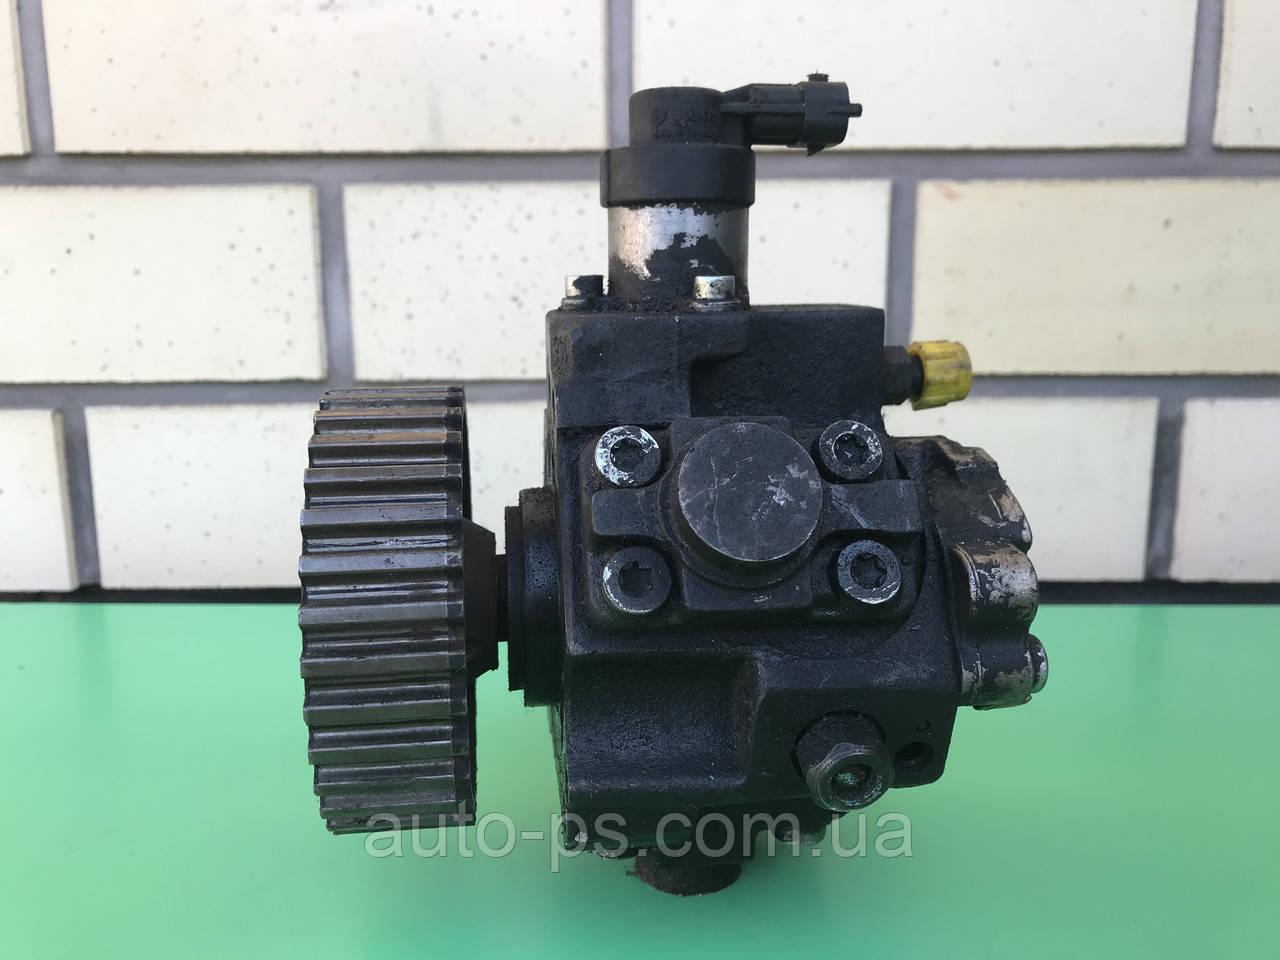 Топливный насос высокого давления (ТНВД) Peugeot 307 1.4-1.6HDI